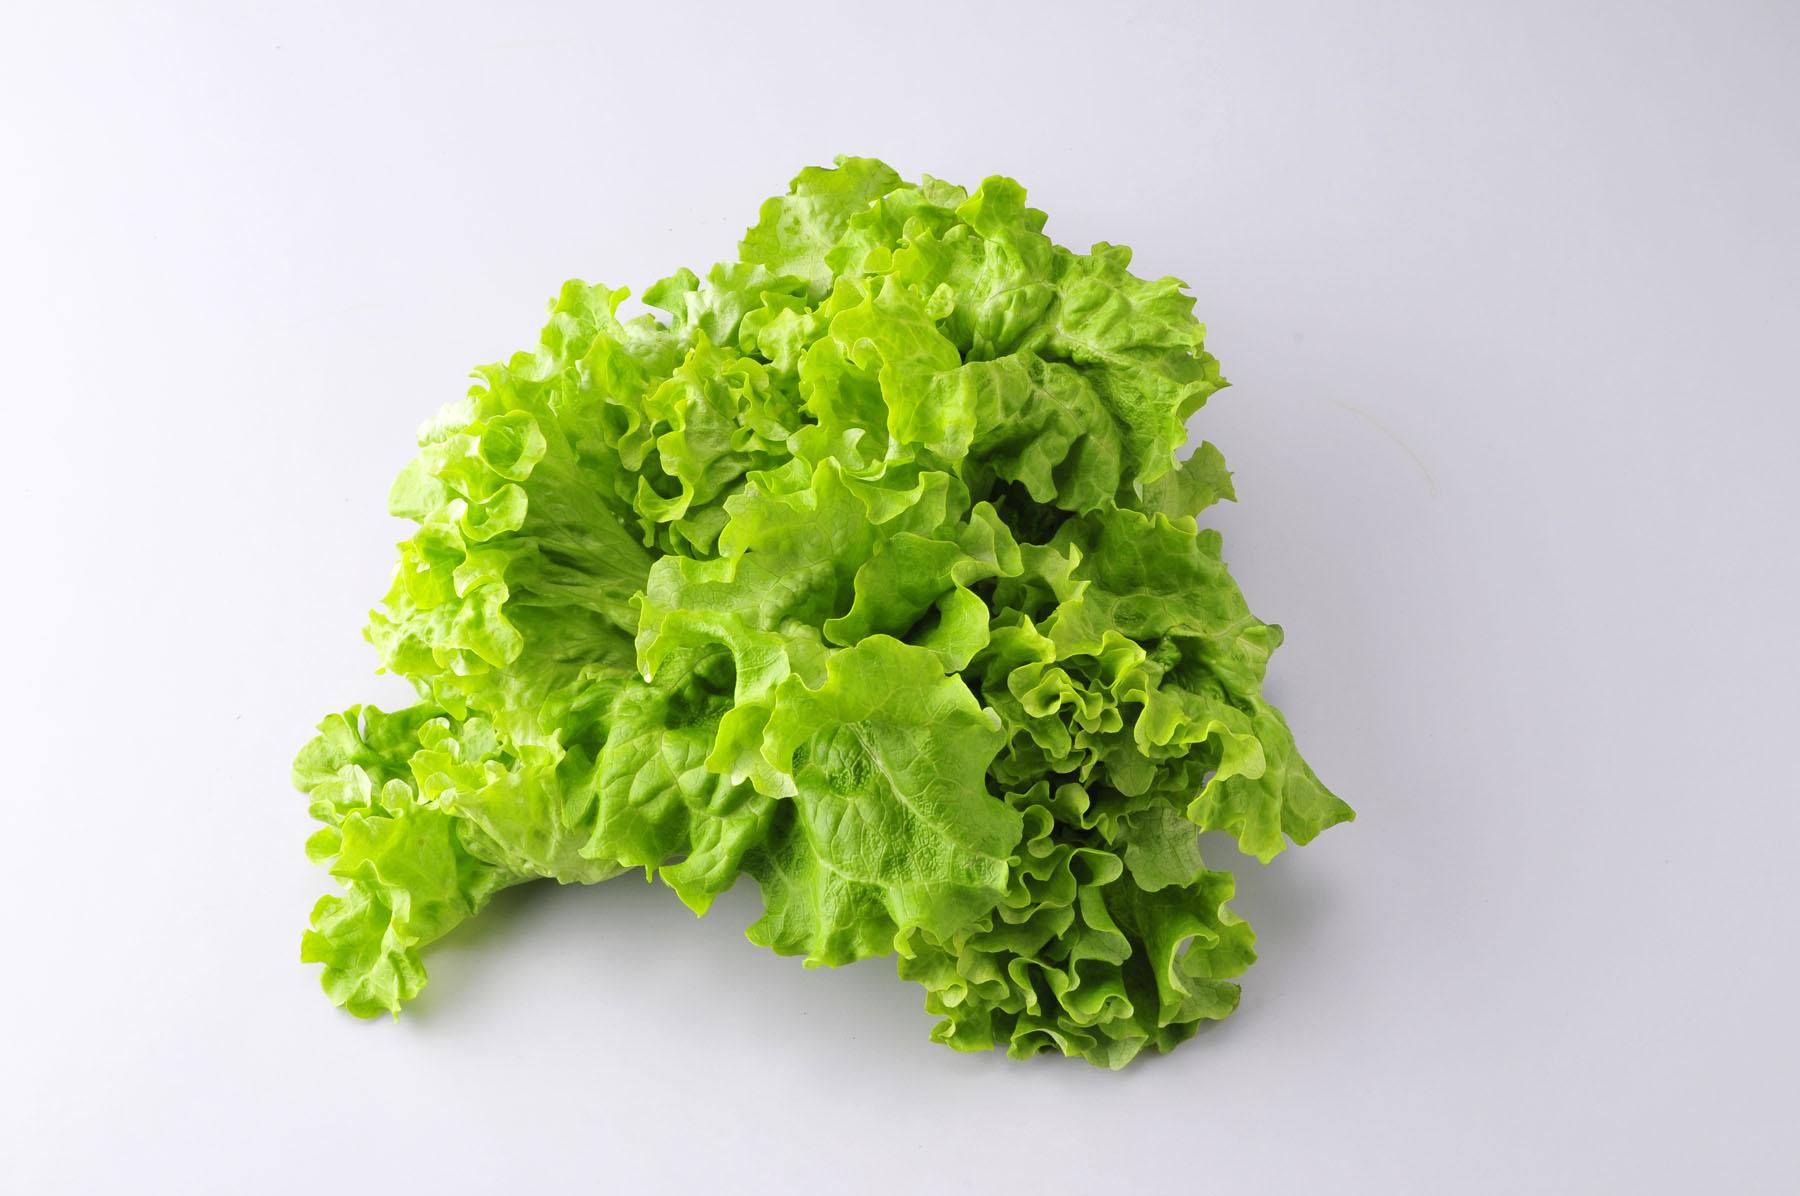 果菜窑 新鲜蔬菜 绿萝莎西餐配料 蔬菜沙拉 花叶生菜500g 4份包邮图片